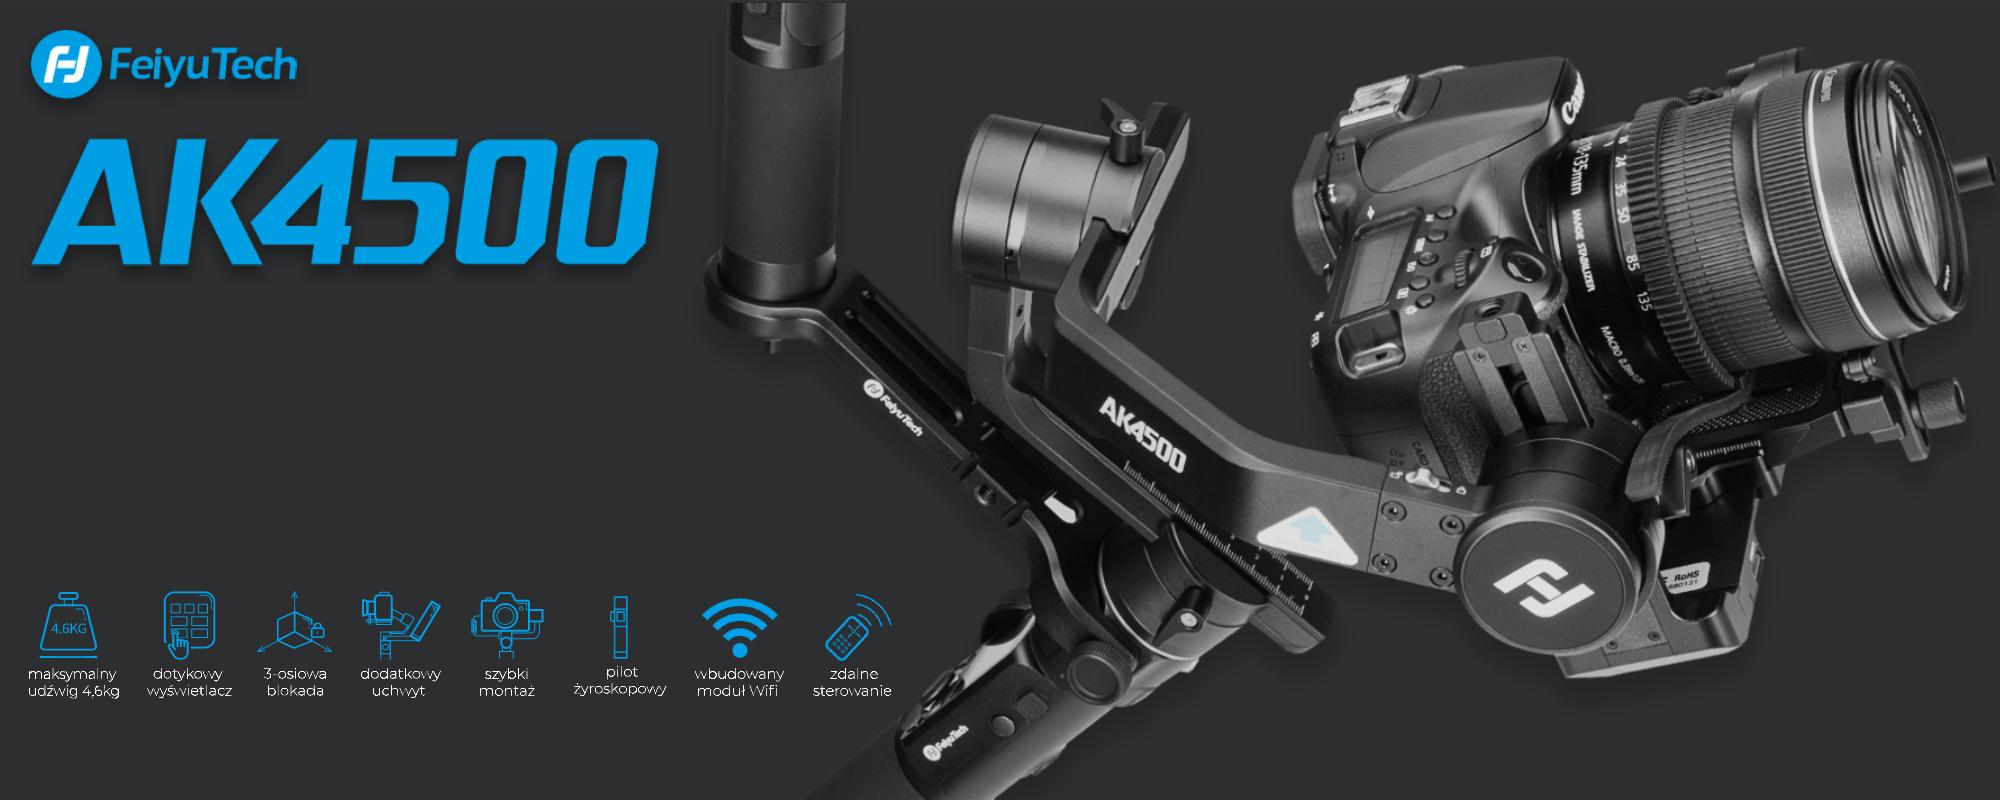 Grafika - Gimbal ręczny FeiyuTech AK4500 Essentials Kit do aparatów VDSLR i kamer_01.jpg